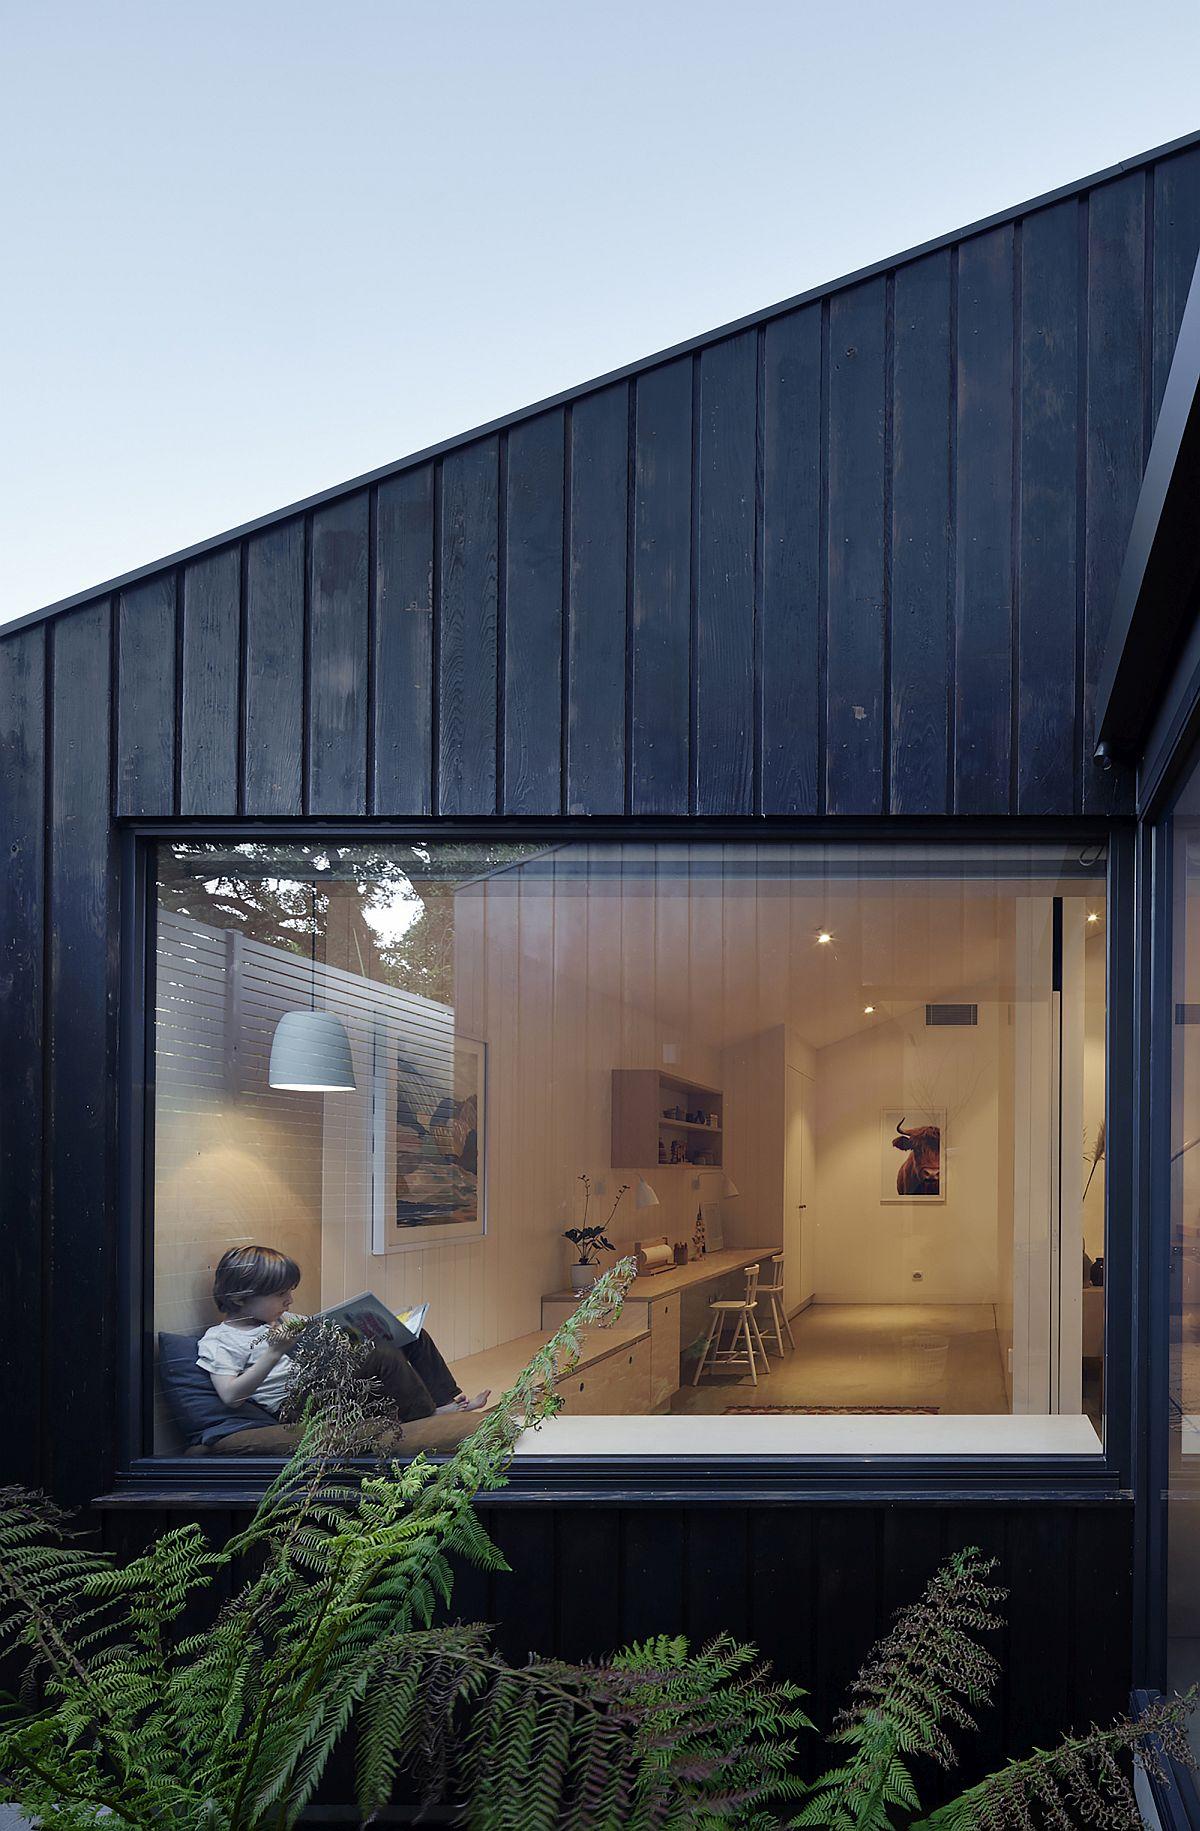 Fenêtres en forme de boîte avec siège à côté qui offrent une vue magnifique et relaxante